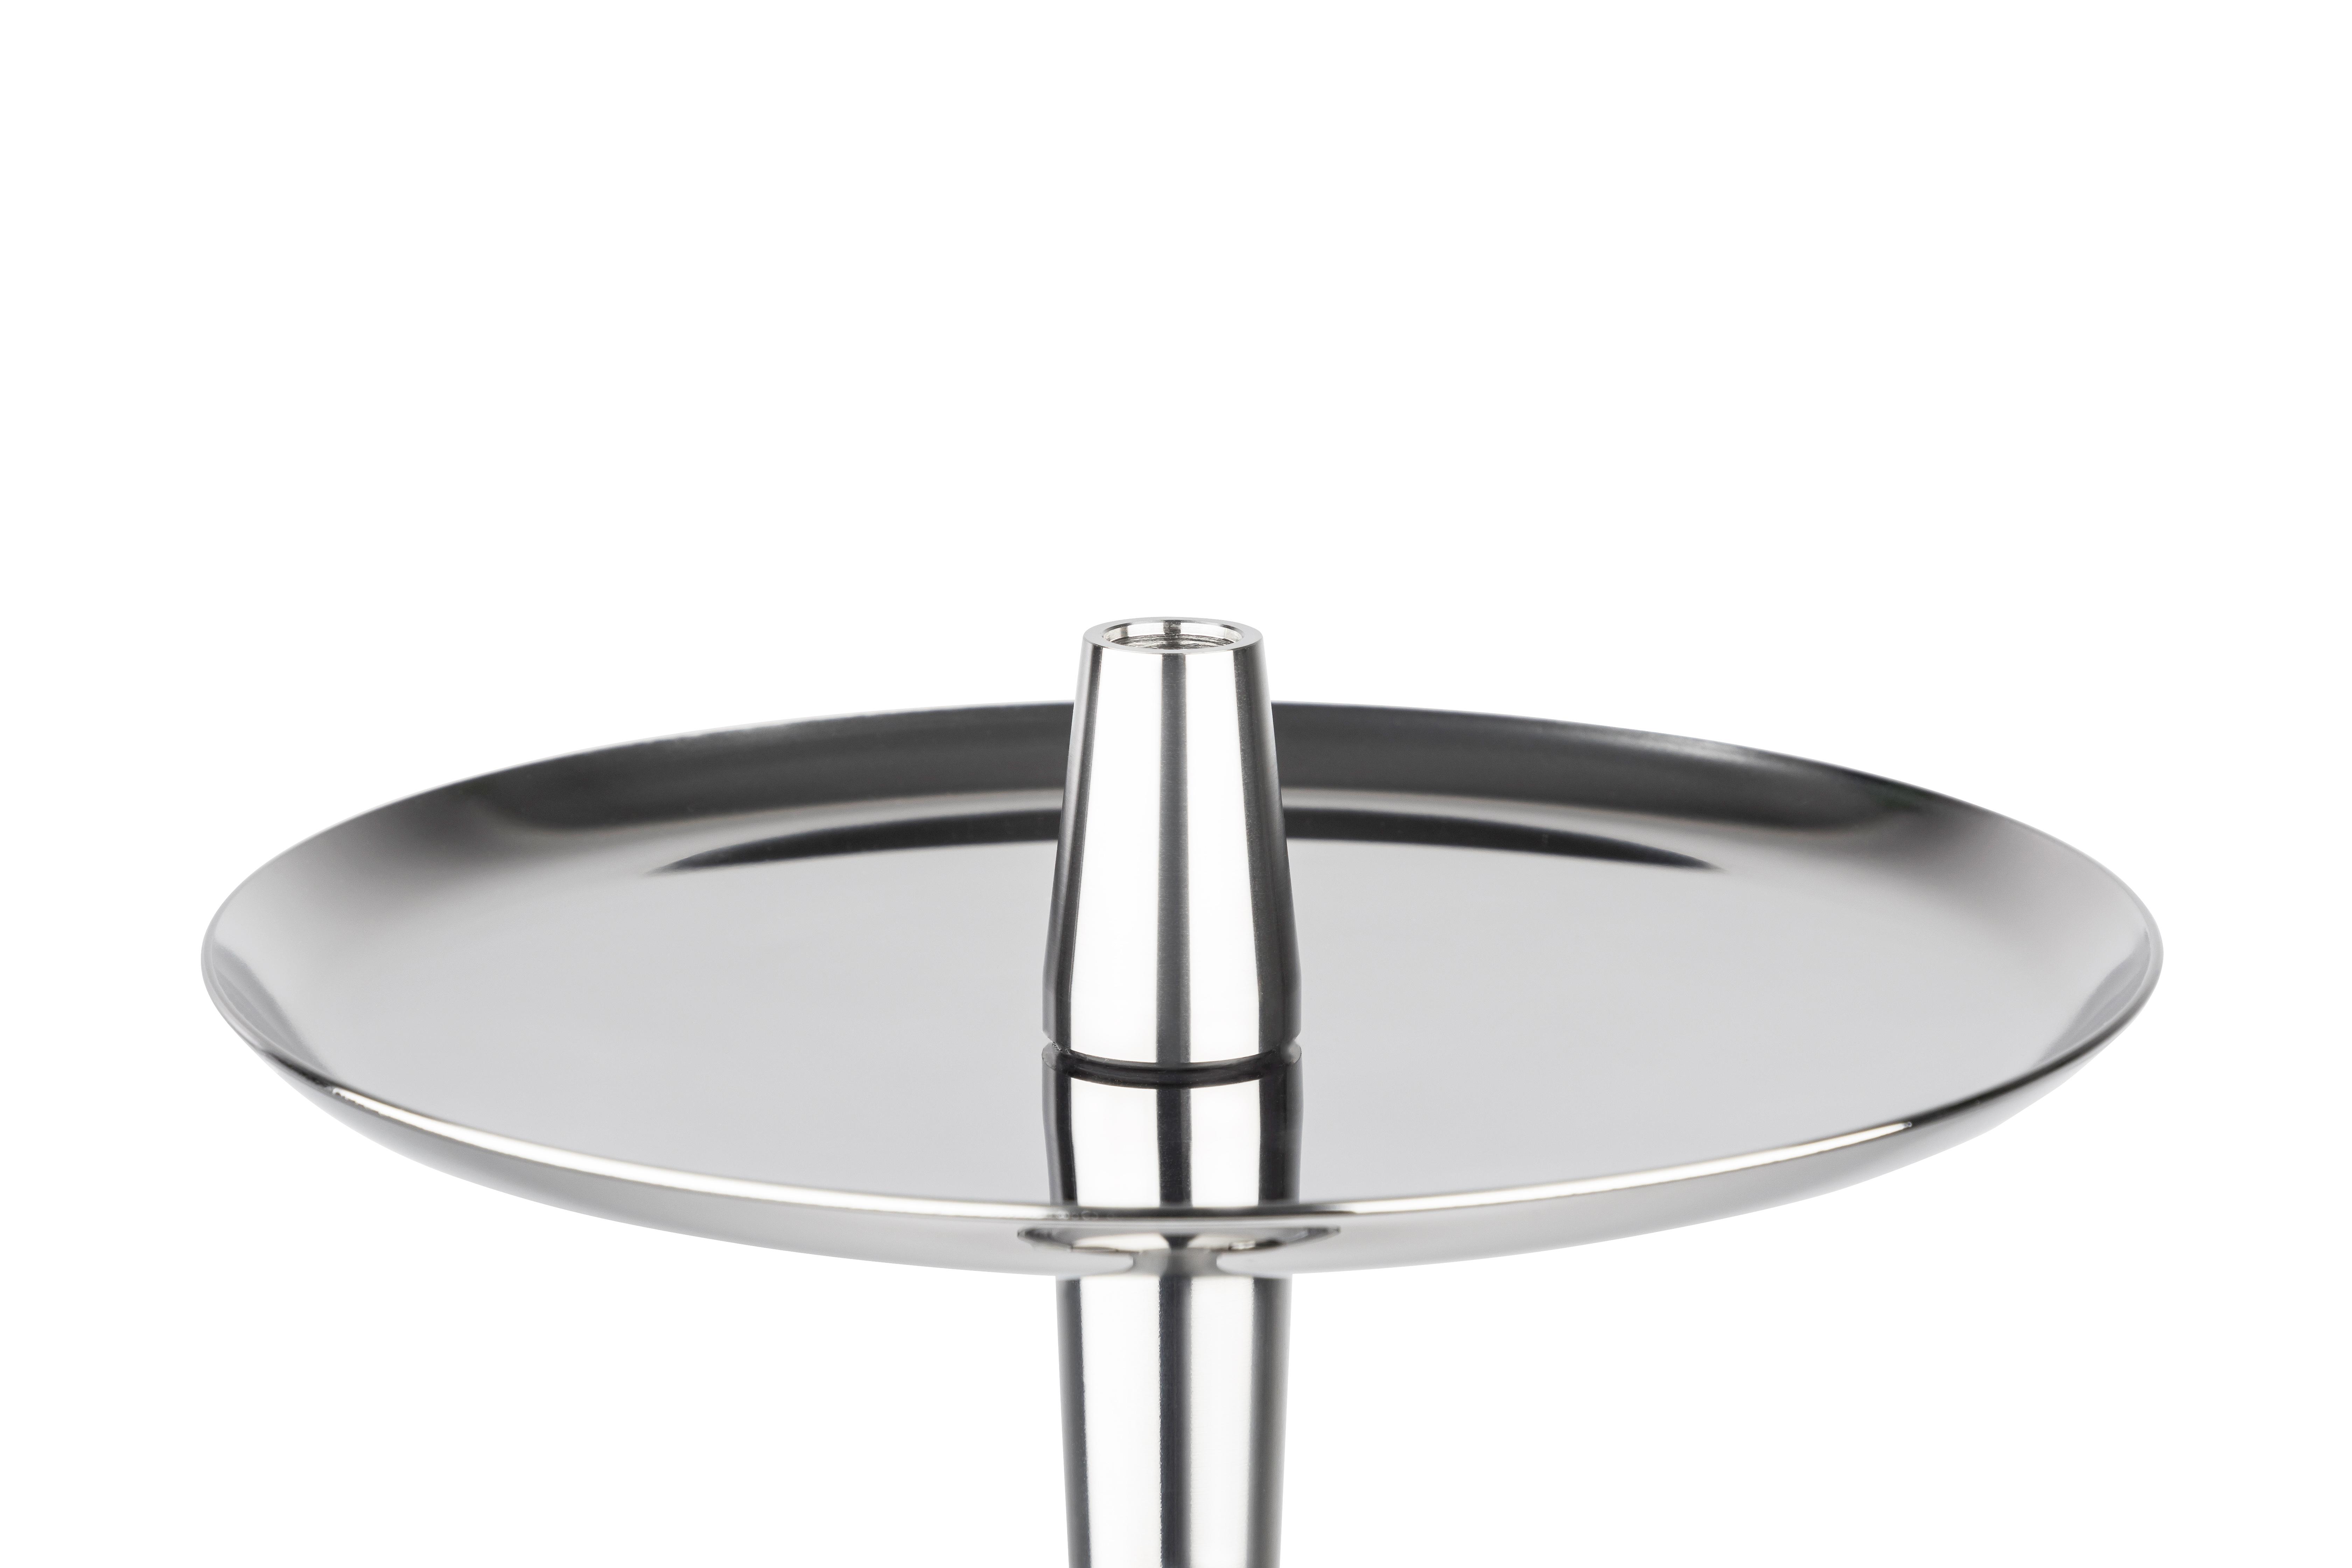 ONES S  - V2A Edelstahl klar / V2A Stainless Steel clear